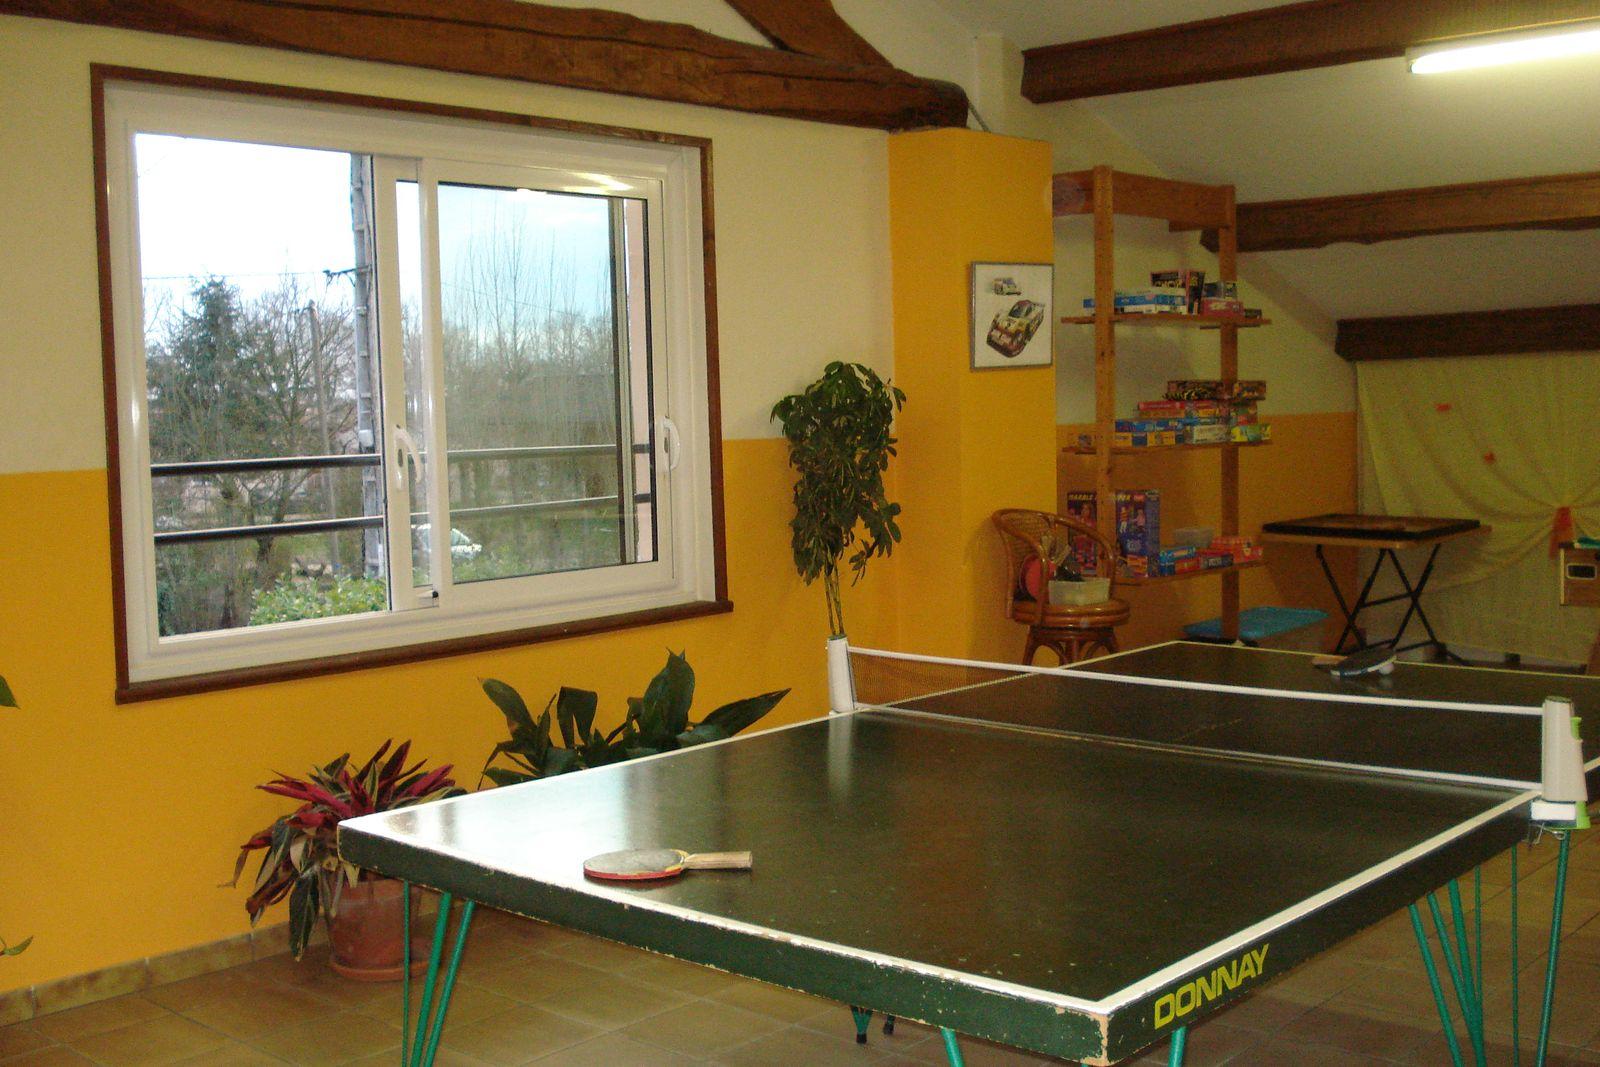 Salle de jeux avec babyfoot, ping-pong, coin avec jouets et livres, bandes dessinées  pour enfants.